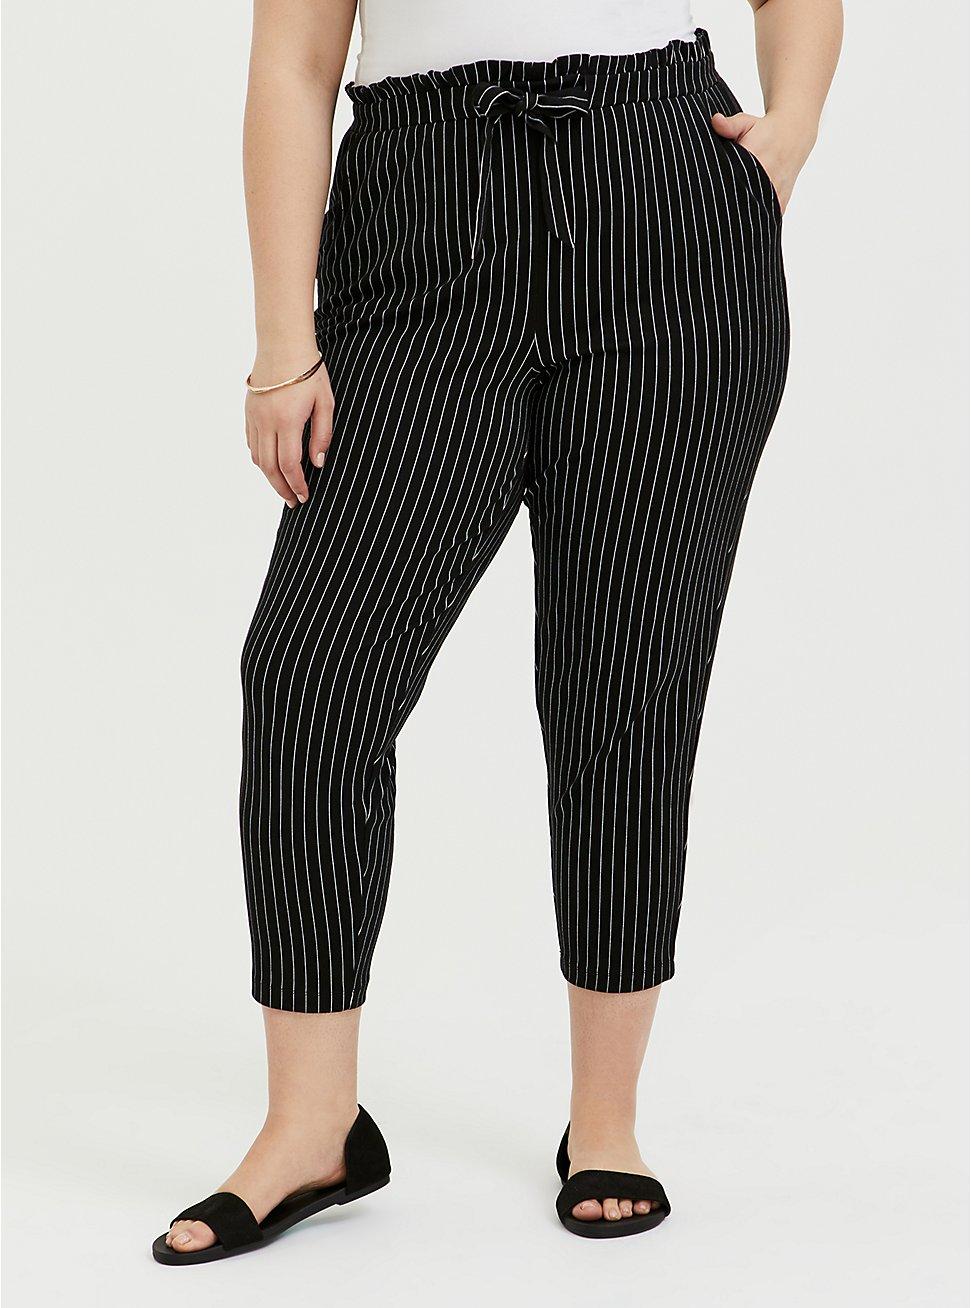 Black & White Pinstripe Ponte Paperbag Waist Tapered Pant, STRIPE -BLACK, hi-res